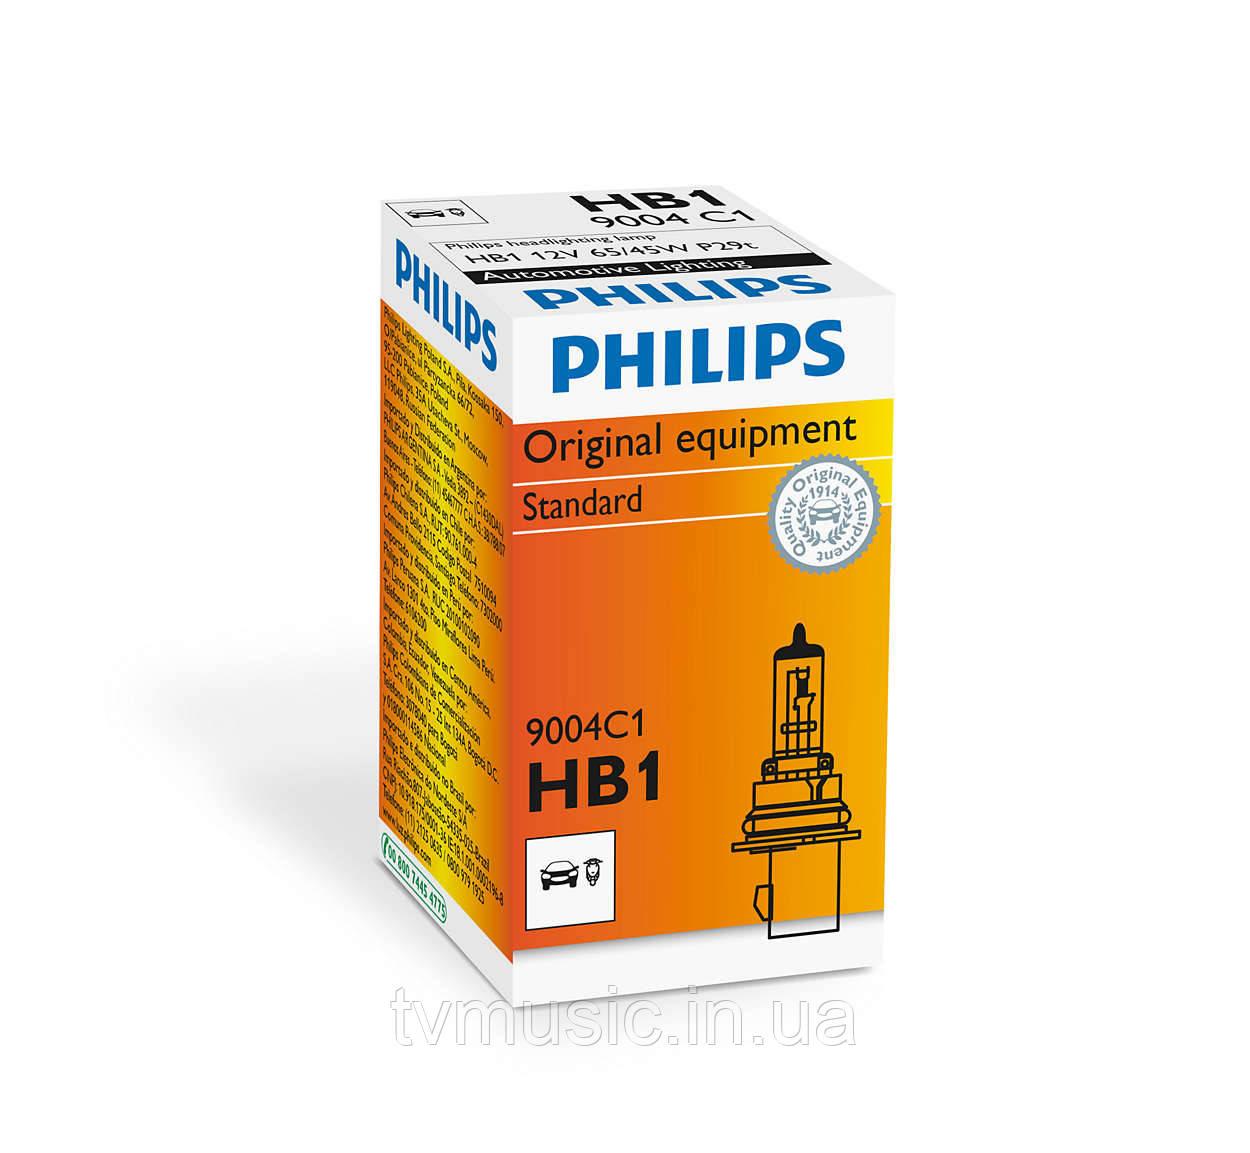 Галогенная лампа Philips Standard HB1 (9004) 12V 65/45W (9004C1)